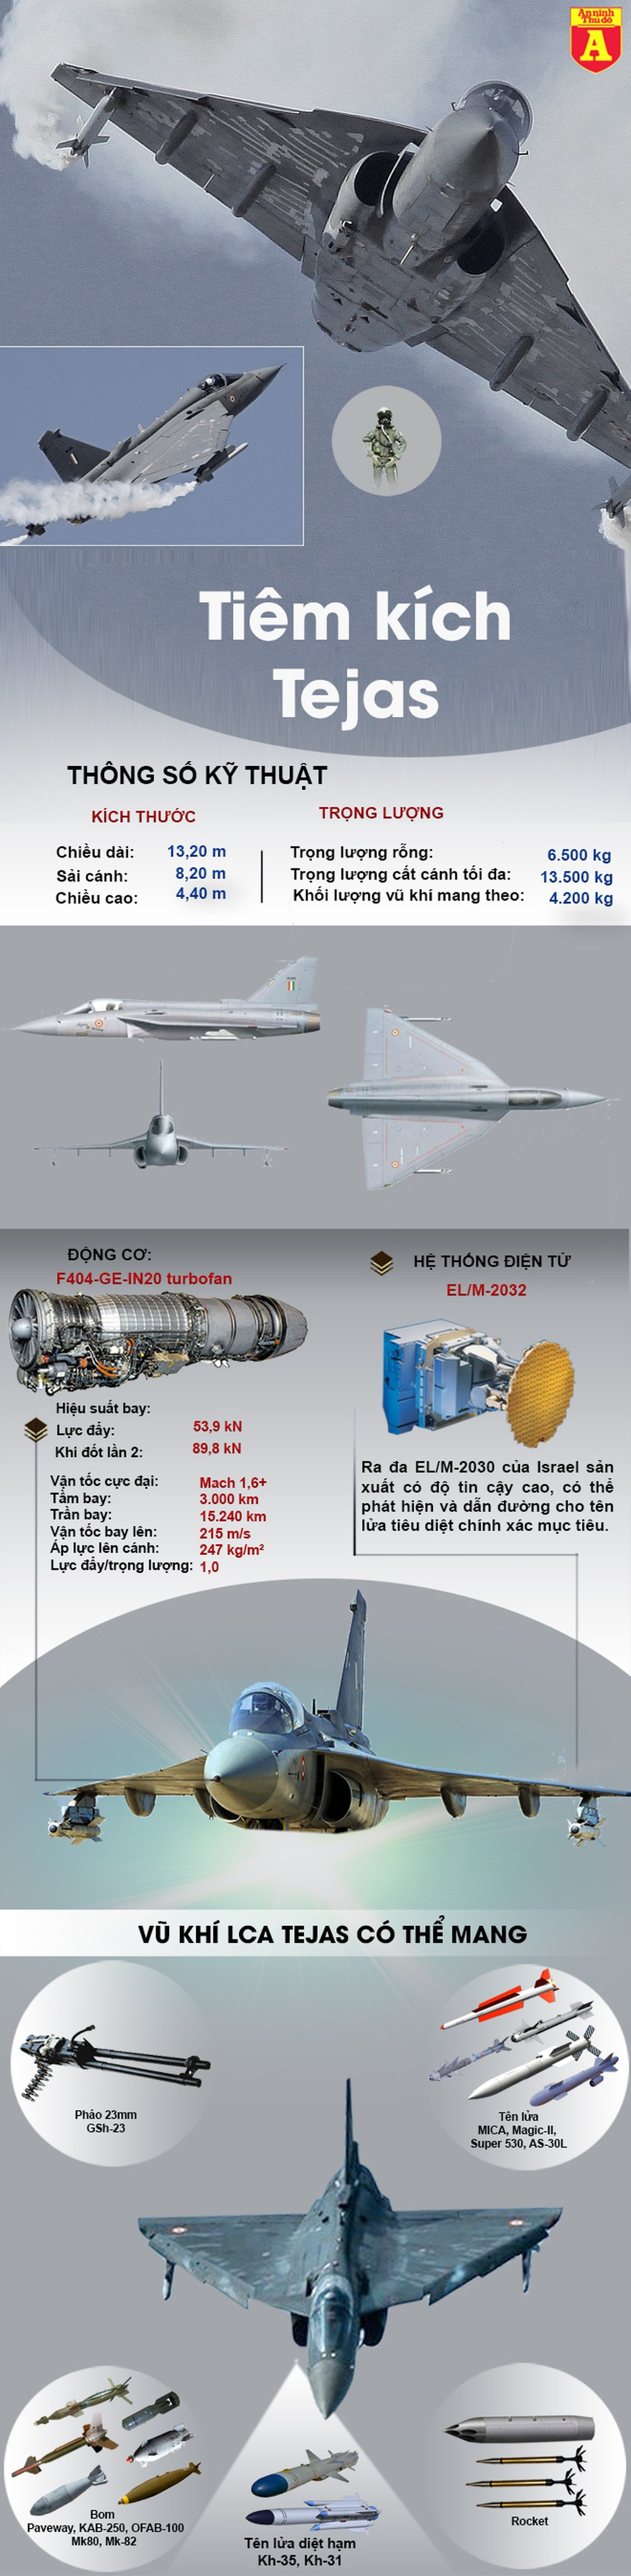 [Info] MiG-21Bison gãy cánh trước JF-17, nhưng cơ hội vẫn không đến với MiG-35 Nga vì sao? ảnh 3